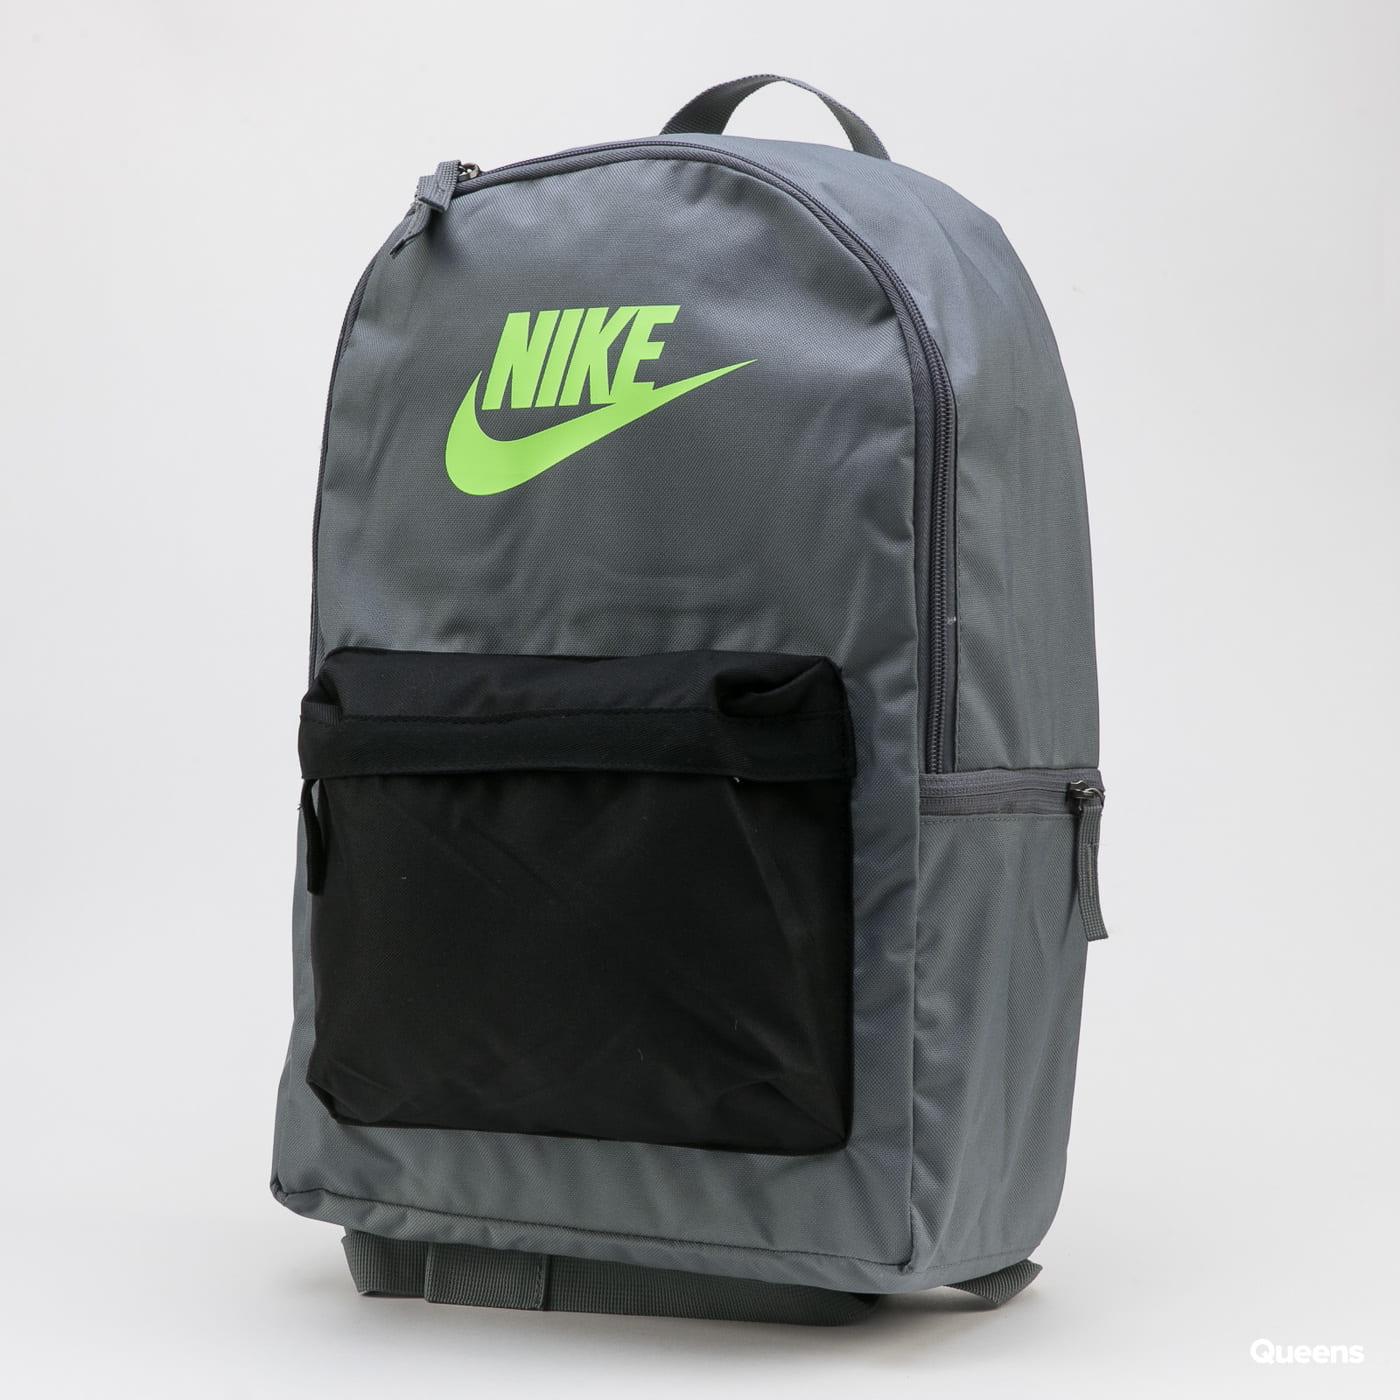 Nike NK Heritage Backpack 2.0 dark gray / black